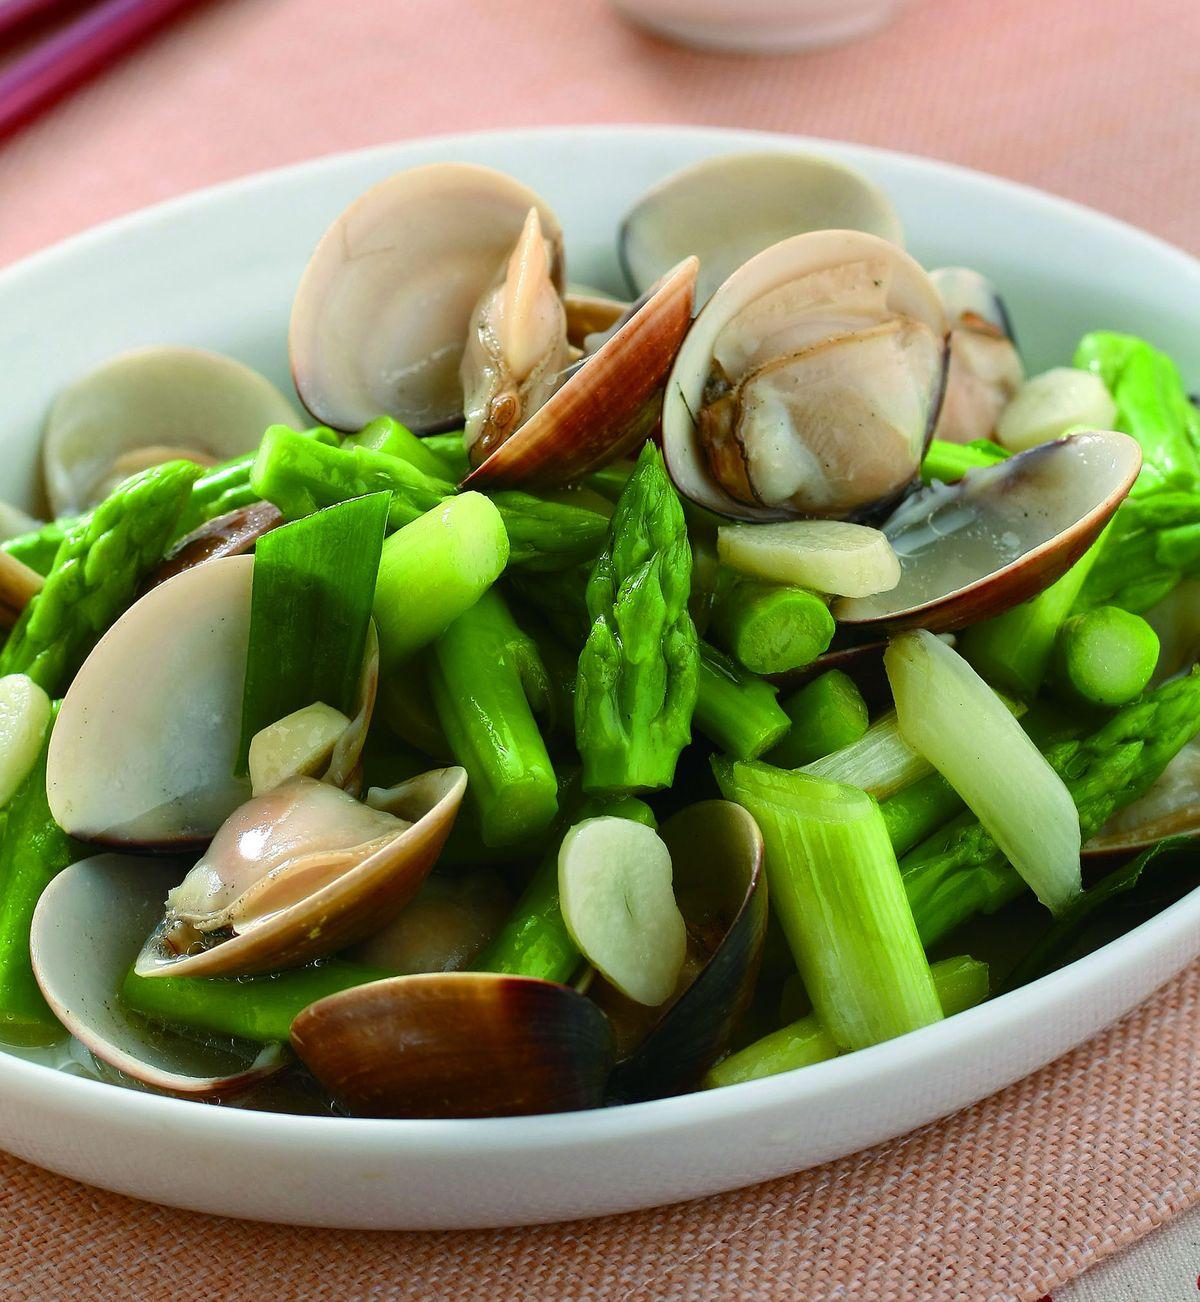 食譜:蘆筍炒蛤蜊